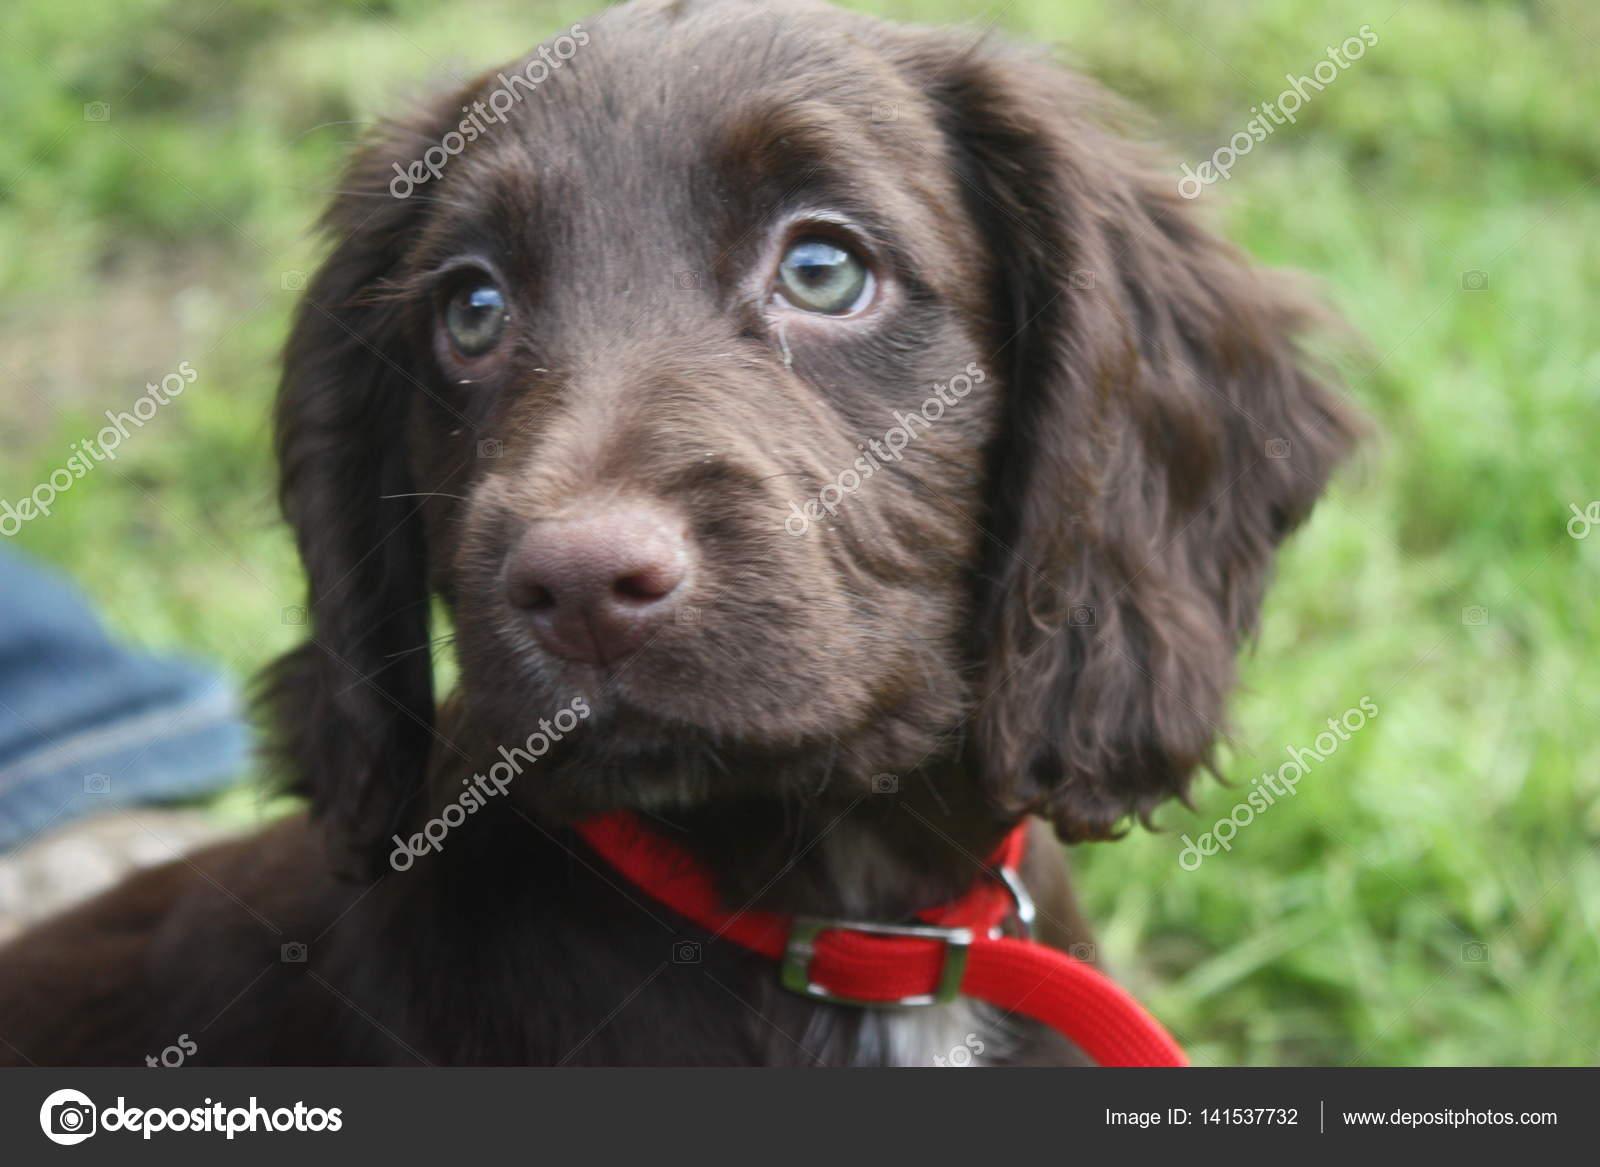 Very Cute Brown Working Type Cocker Spaniel Pet Gundog Puppy Stock Photo C Chrisga 141537732